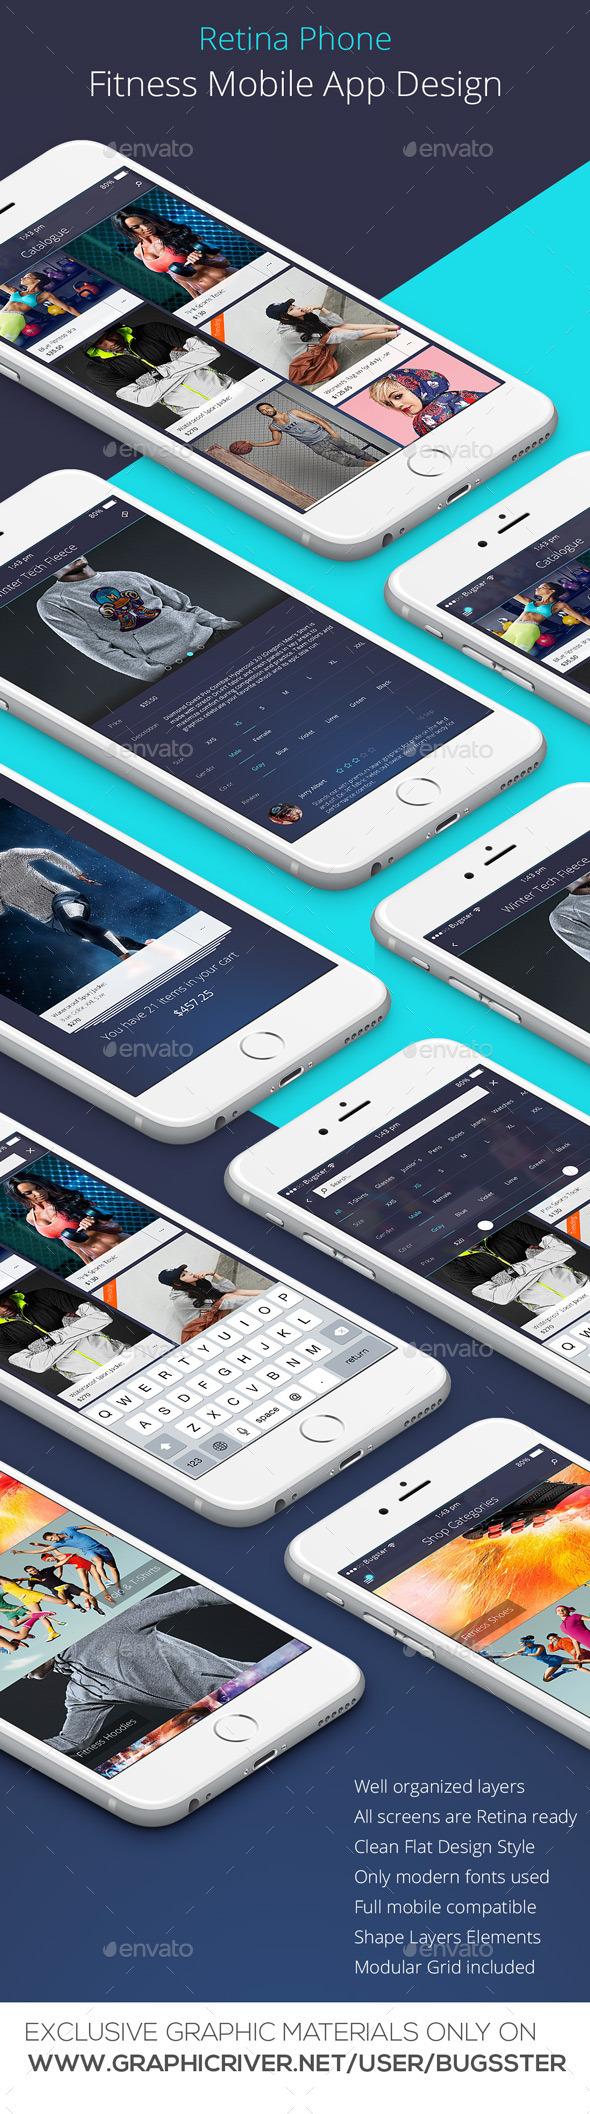 GraphicRiver Mobile Fitness App Design for Retina Phone 10597855